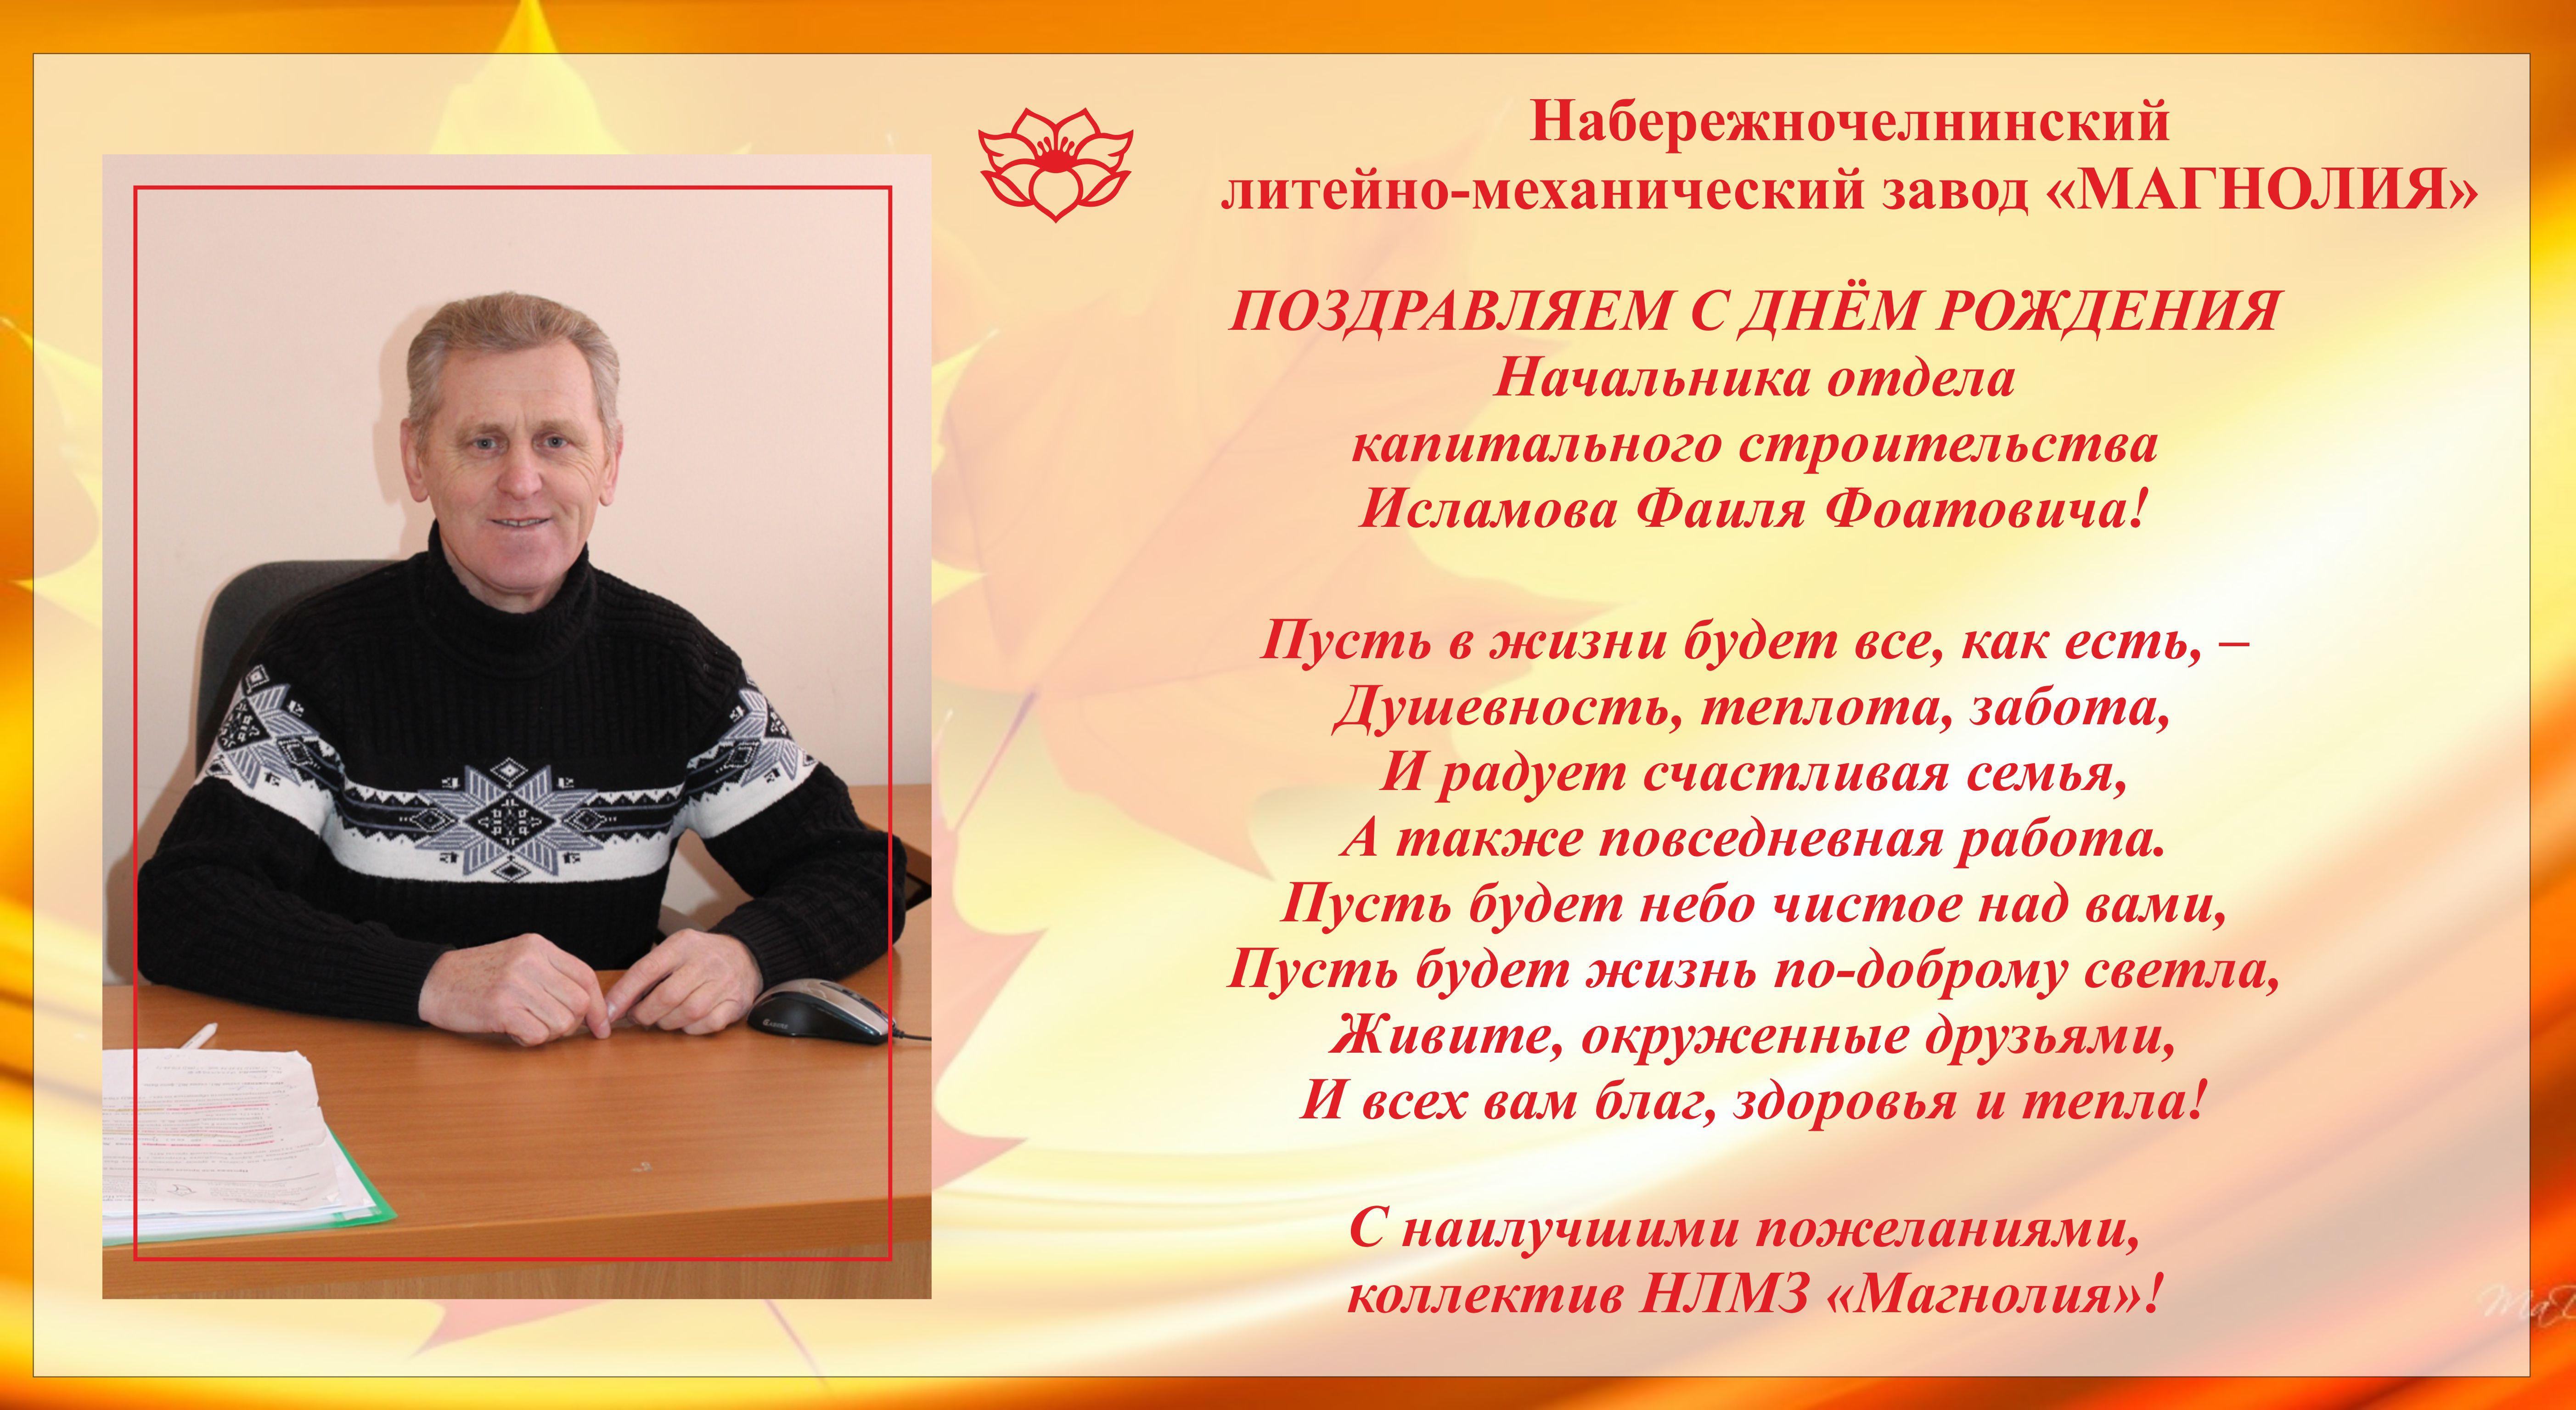 Поздравления для руководителя с днем рождения в картинках